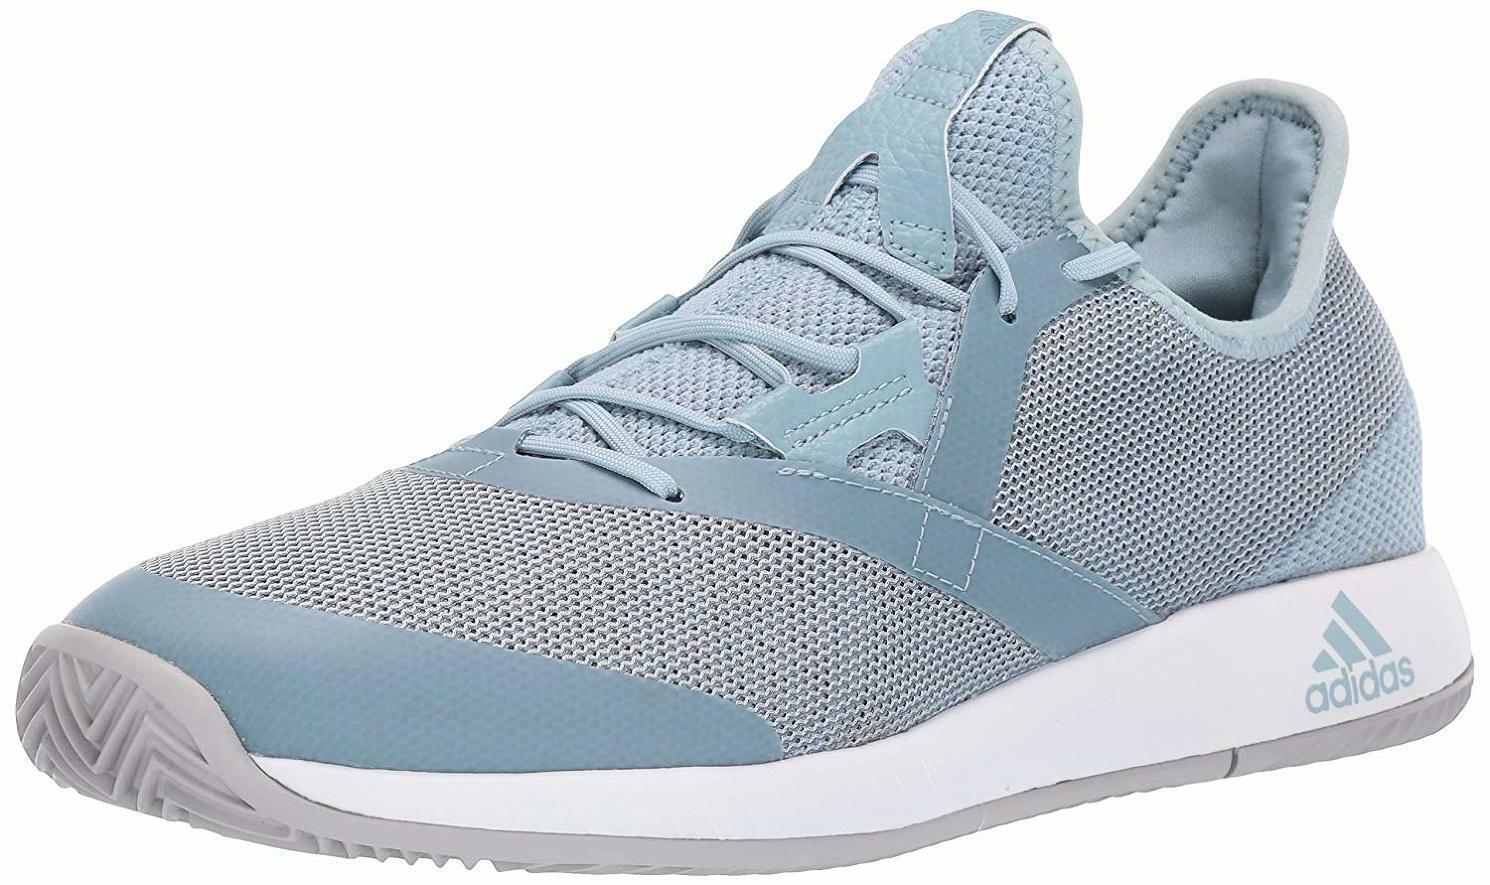 4af83c9f6410c Adidas Men s Adizero Defiant Bounce Tennis shoes